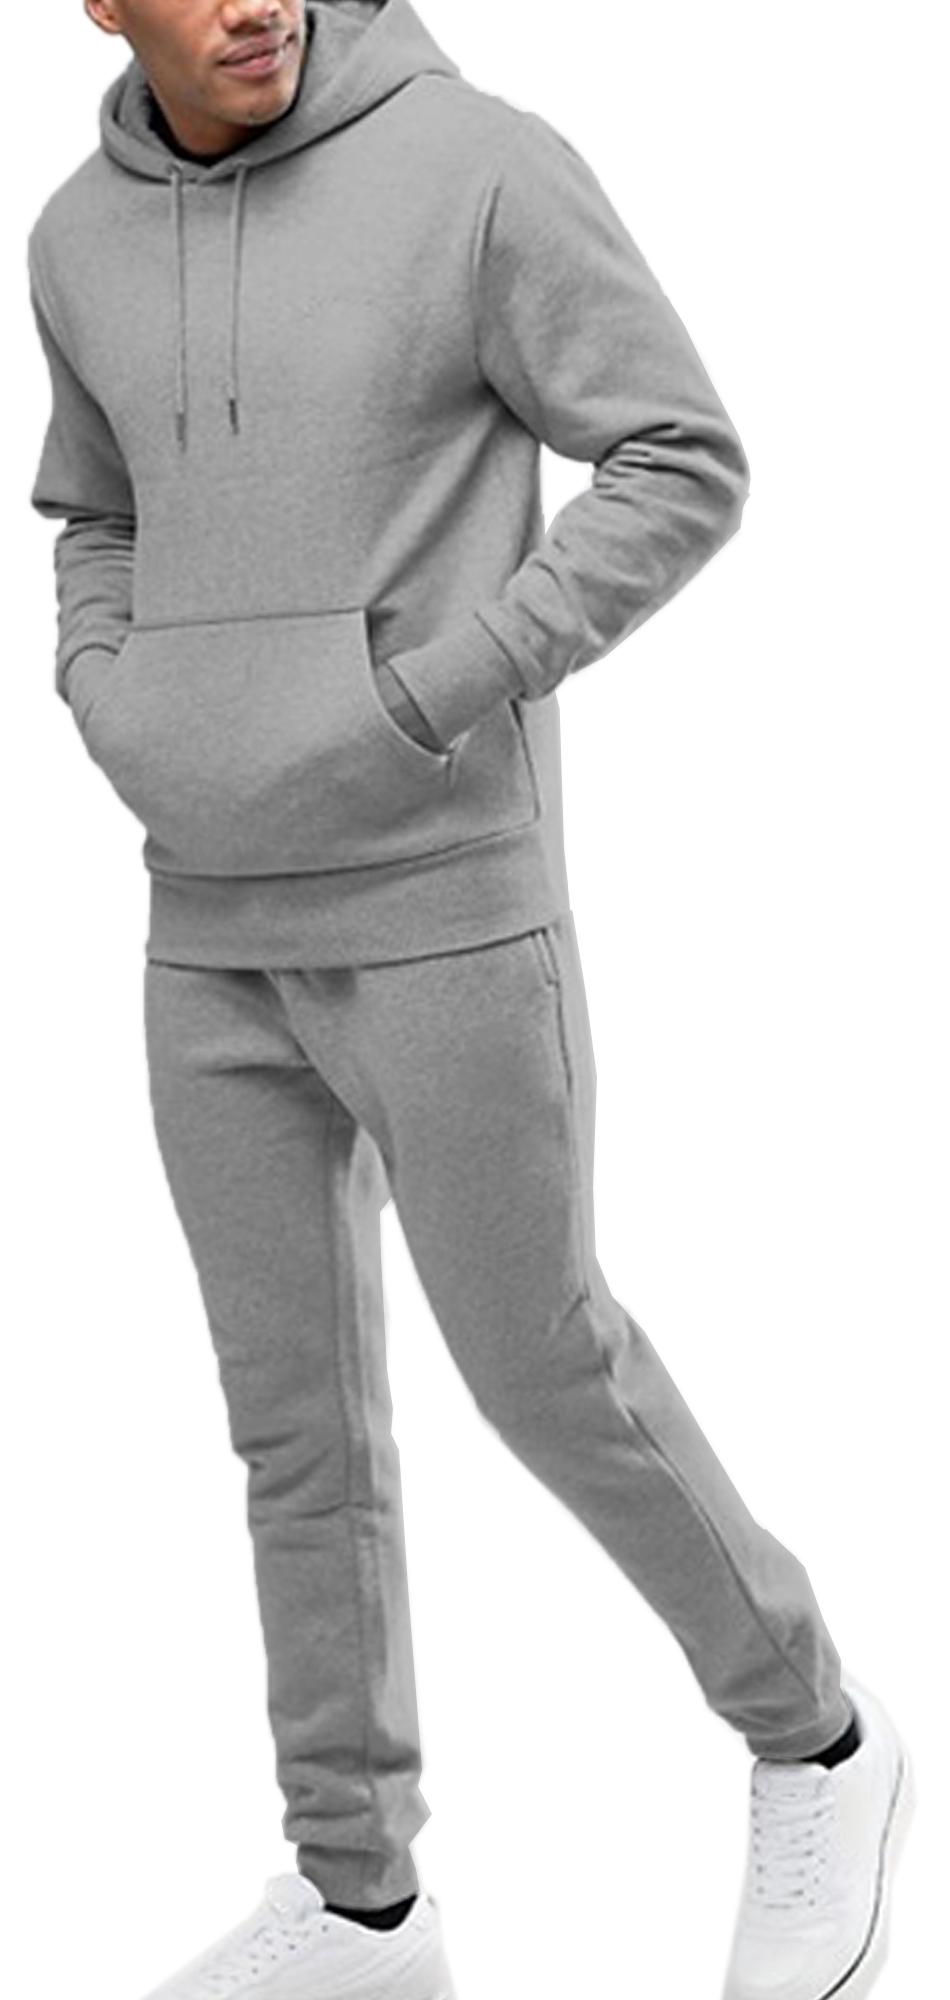 Tuta Uomo Invernale Felpata Cpmpleto Pantaloni e Felpa Cappuccio Blu Nero Sport